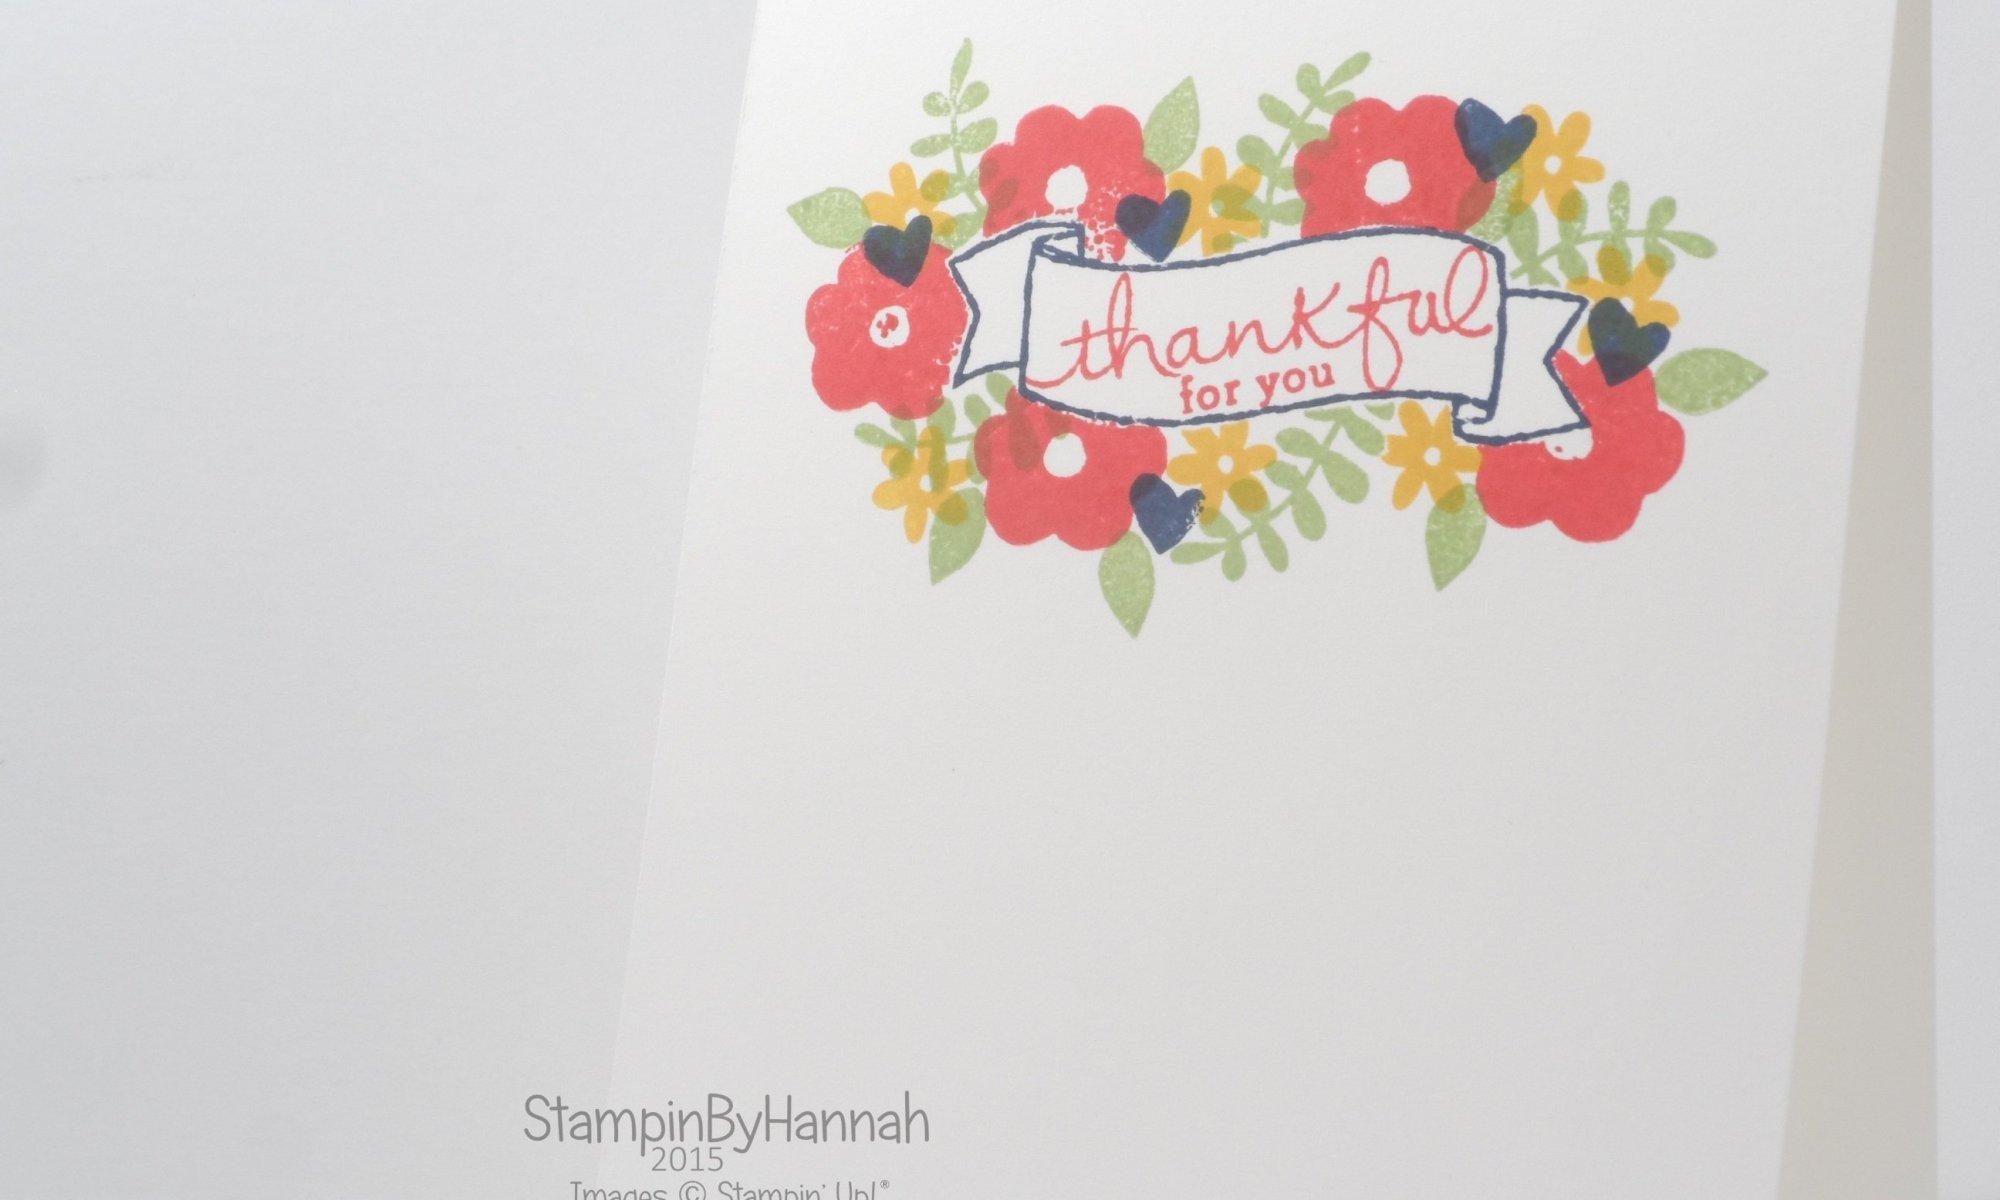 Stampin' Up! UK Endless Thanks Masking card making